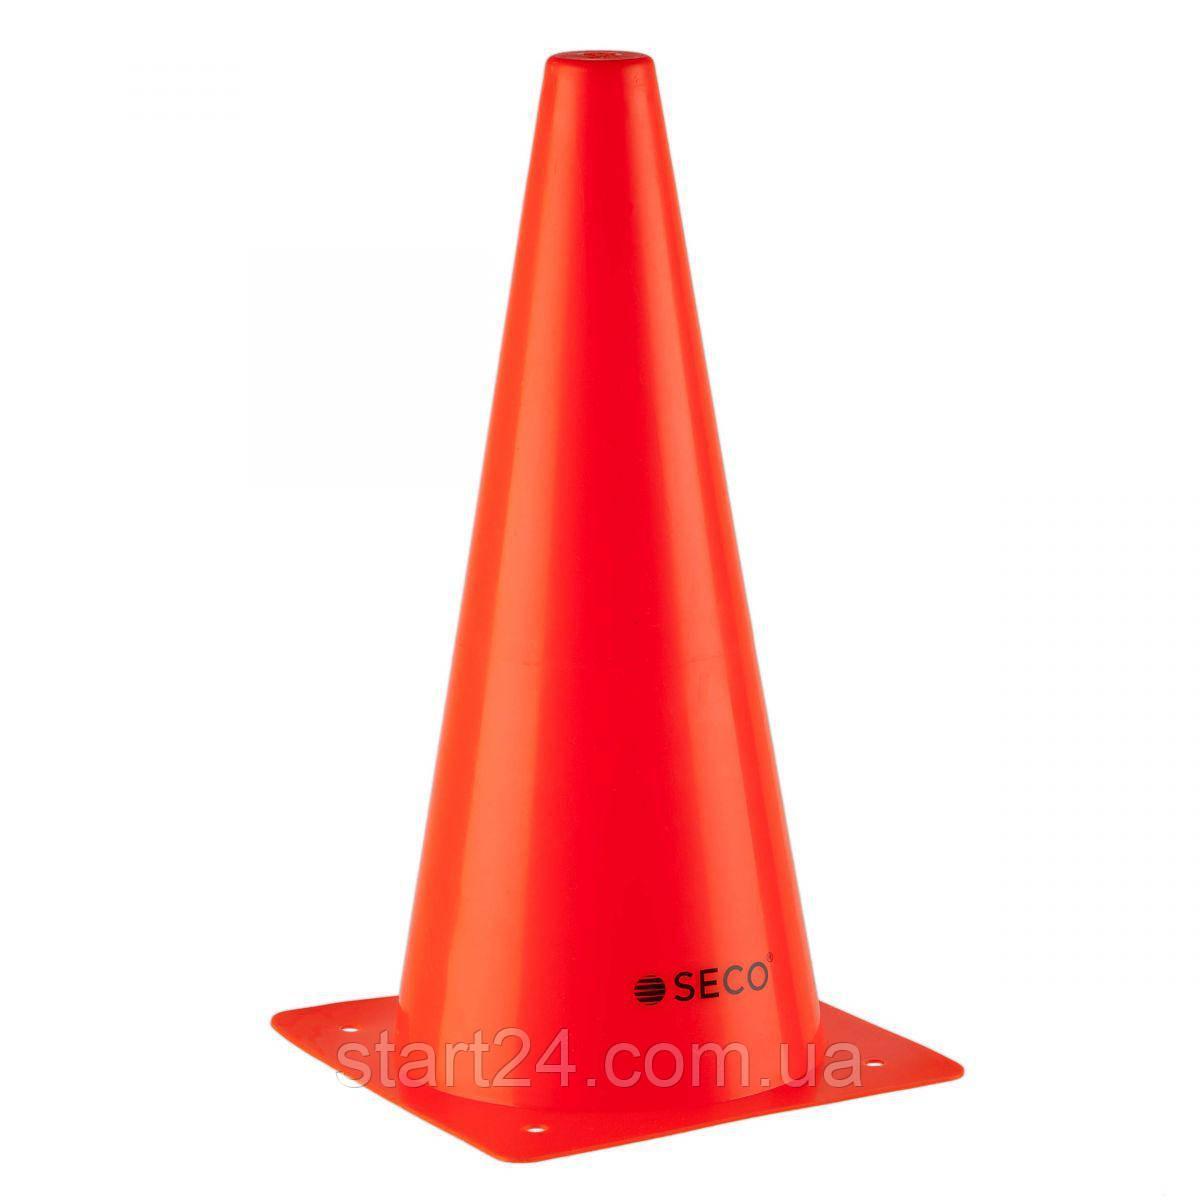 Тренировочный конус SECO 32 см оранжевого цвета